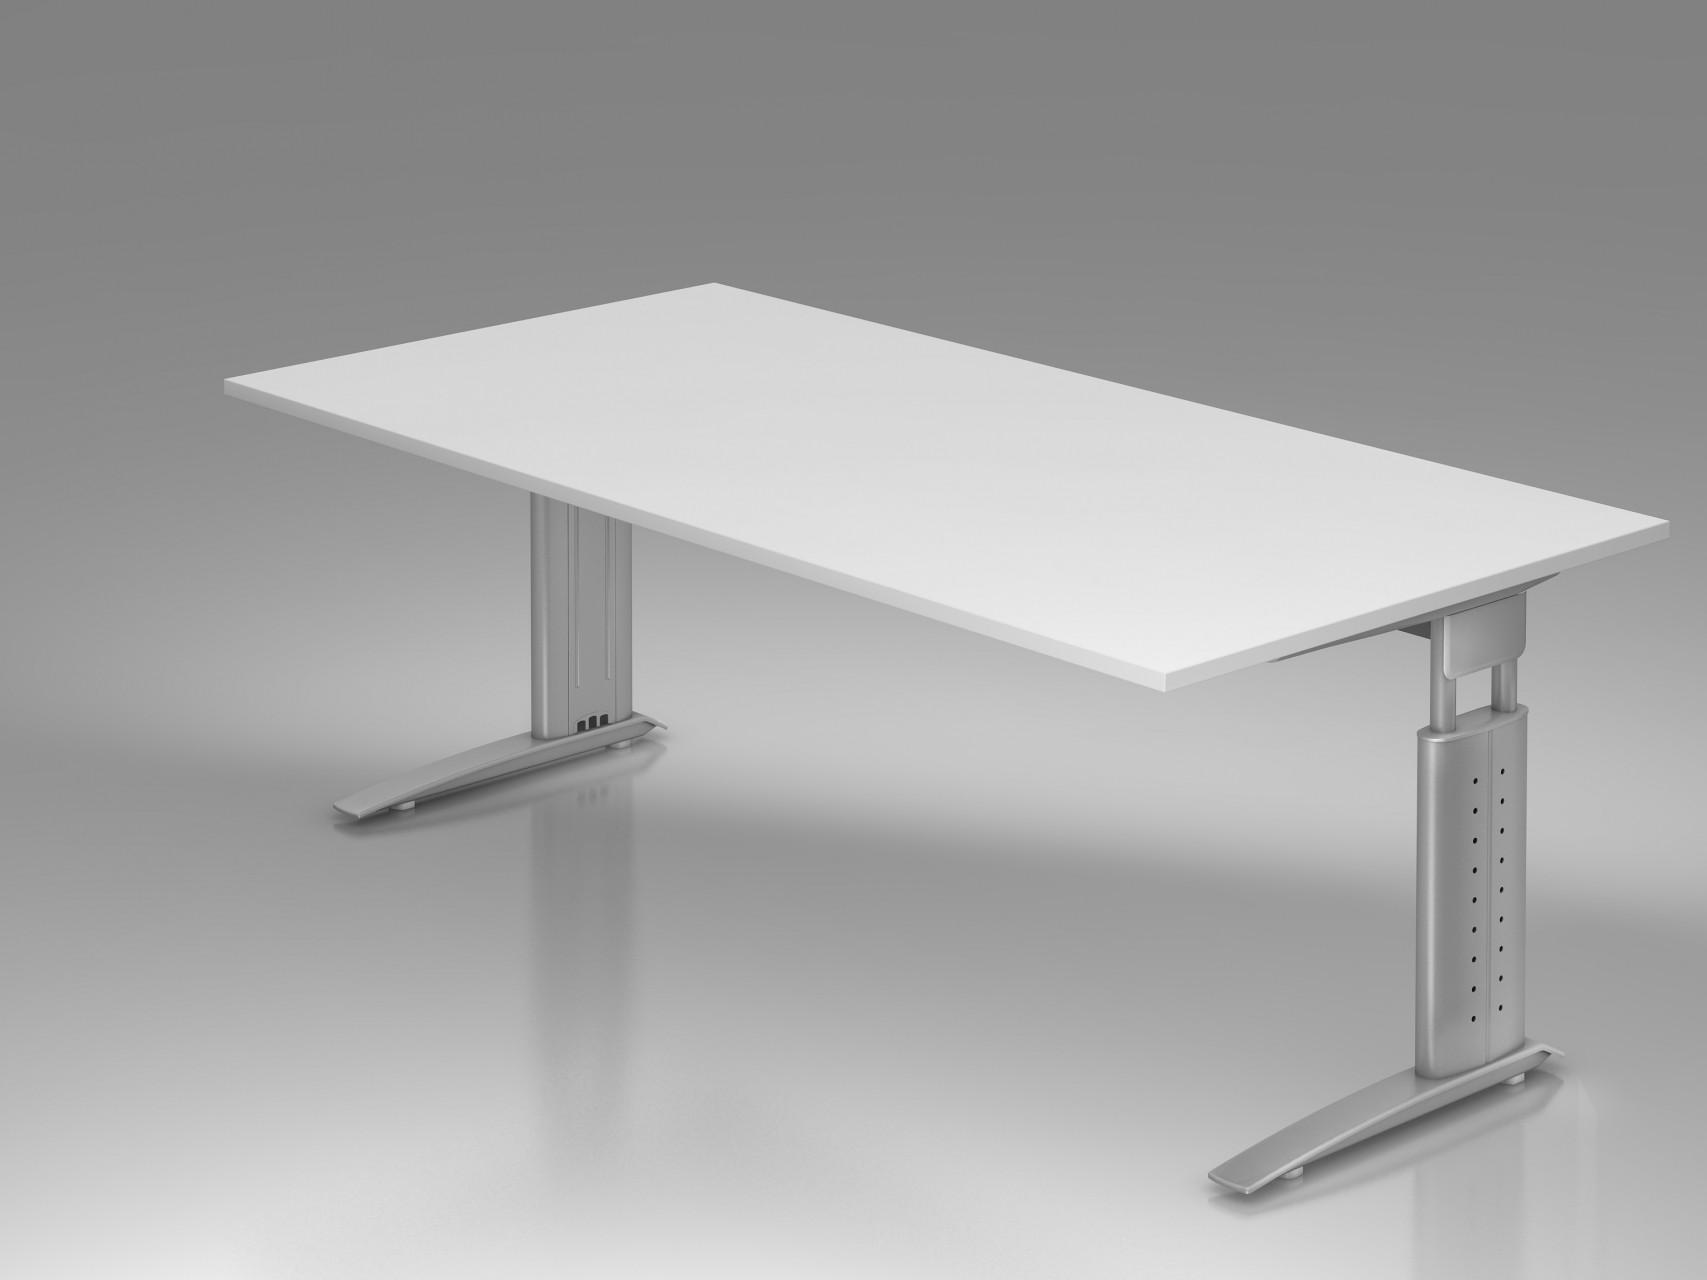 bureau r glable en hauteur ergonomique plus 200 x 100 cm achat bureaux r glables en hauteur. Black Bedroom Furniture Sets. Home Design Ideas